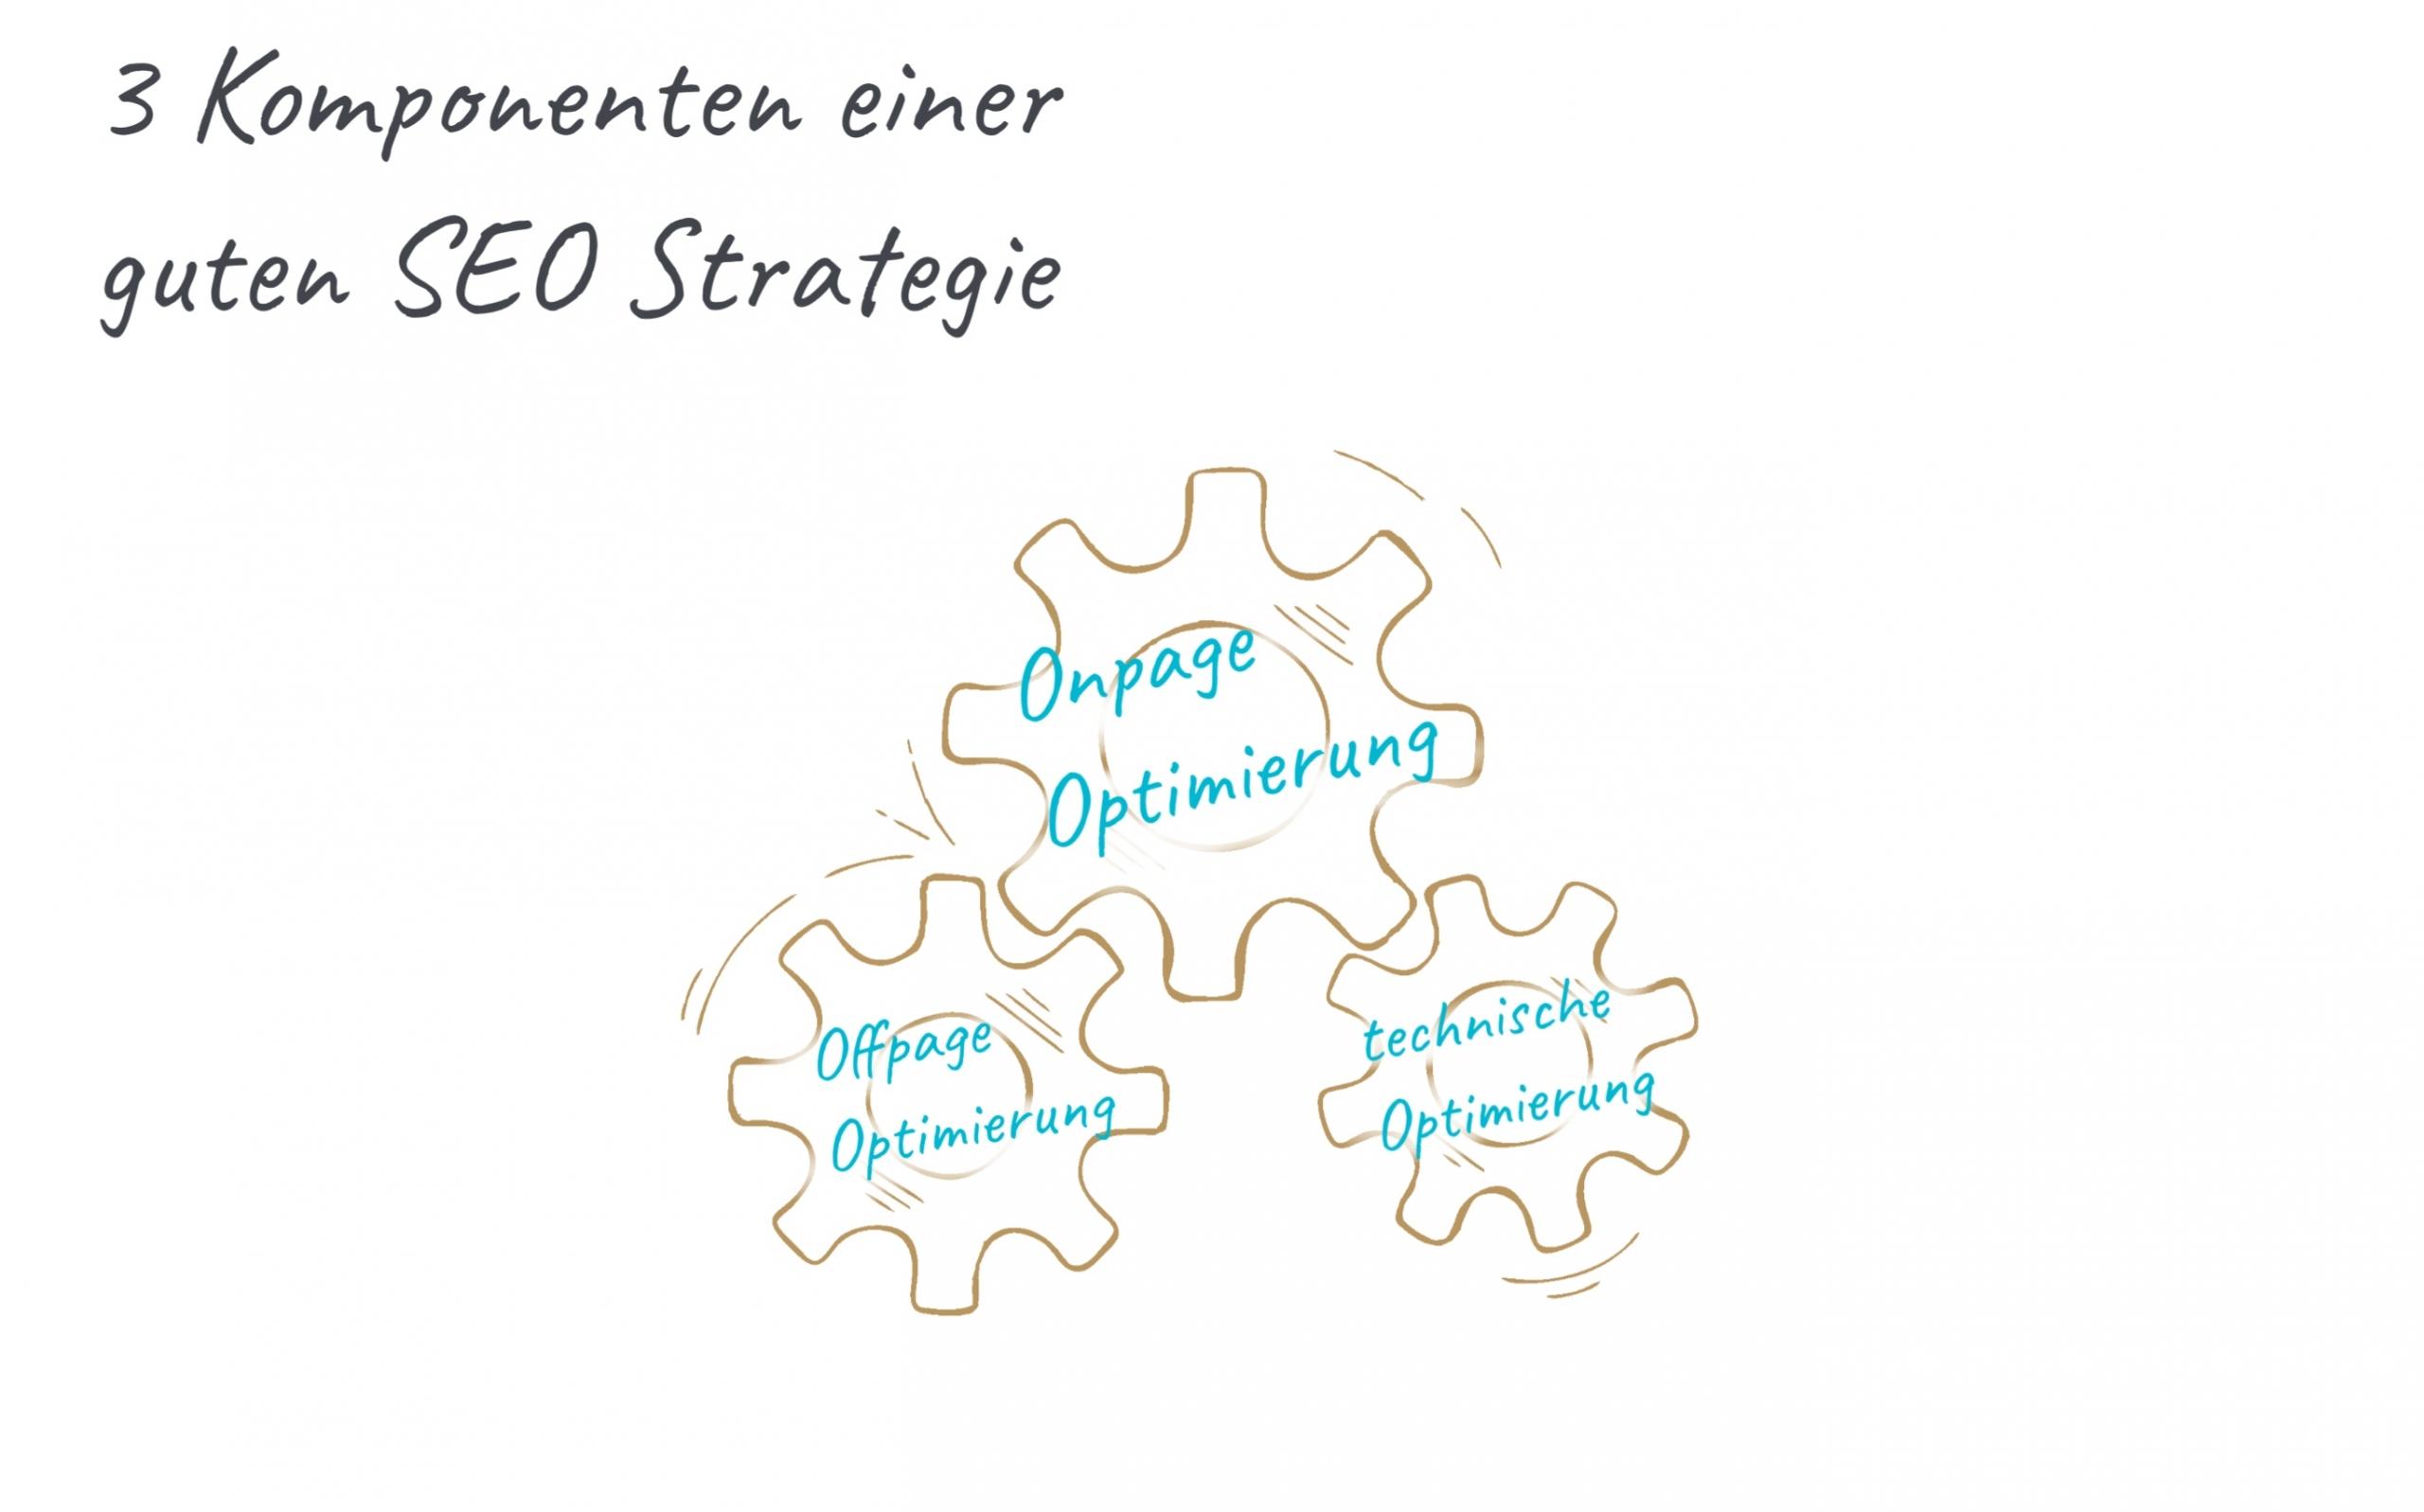 Komponenten einer SEO Strategie